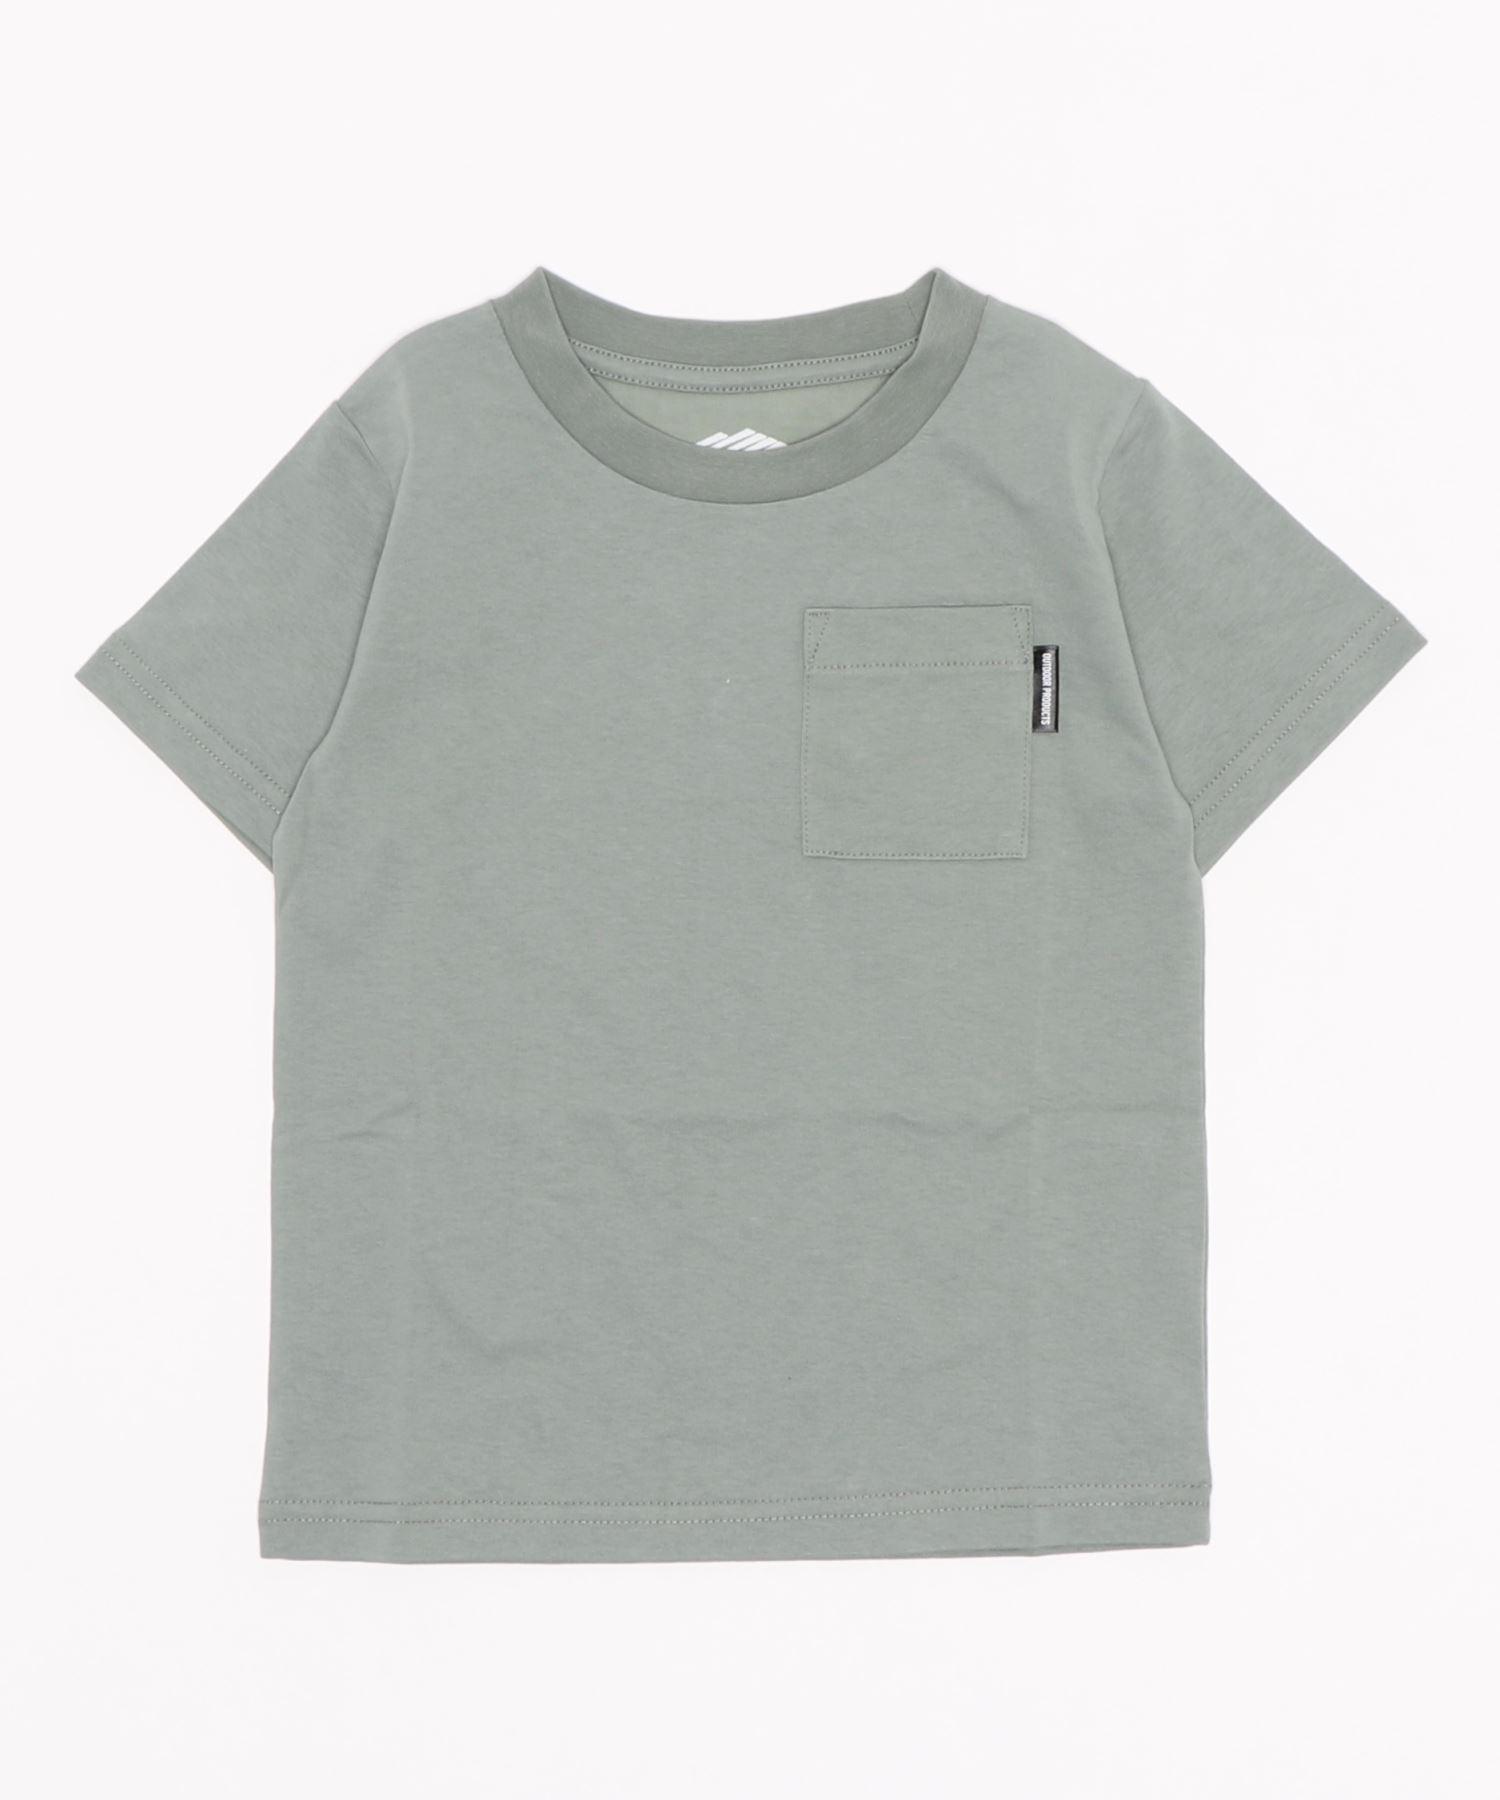 触れるとヒンヤリ接触冷感ポケットKIDSTシャツ